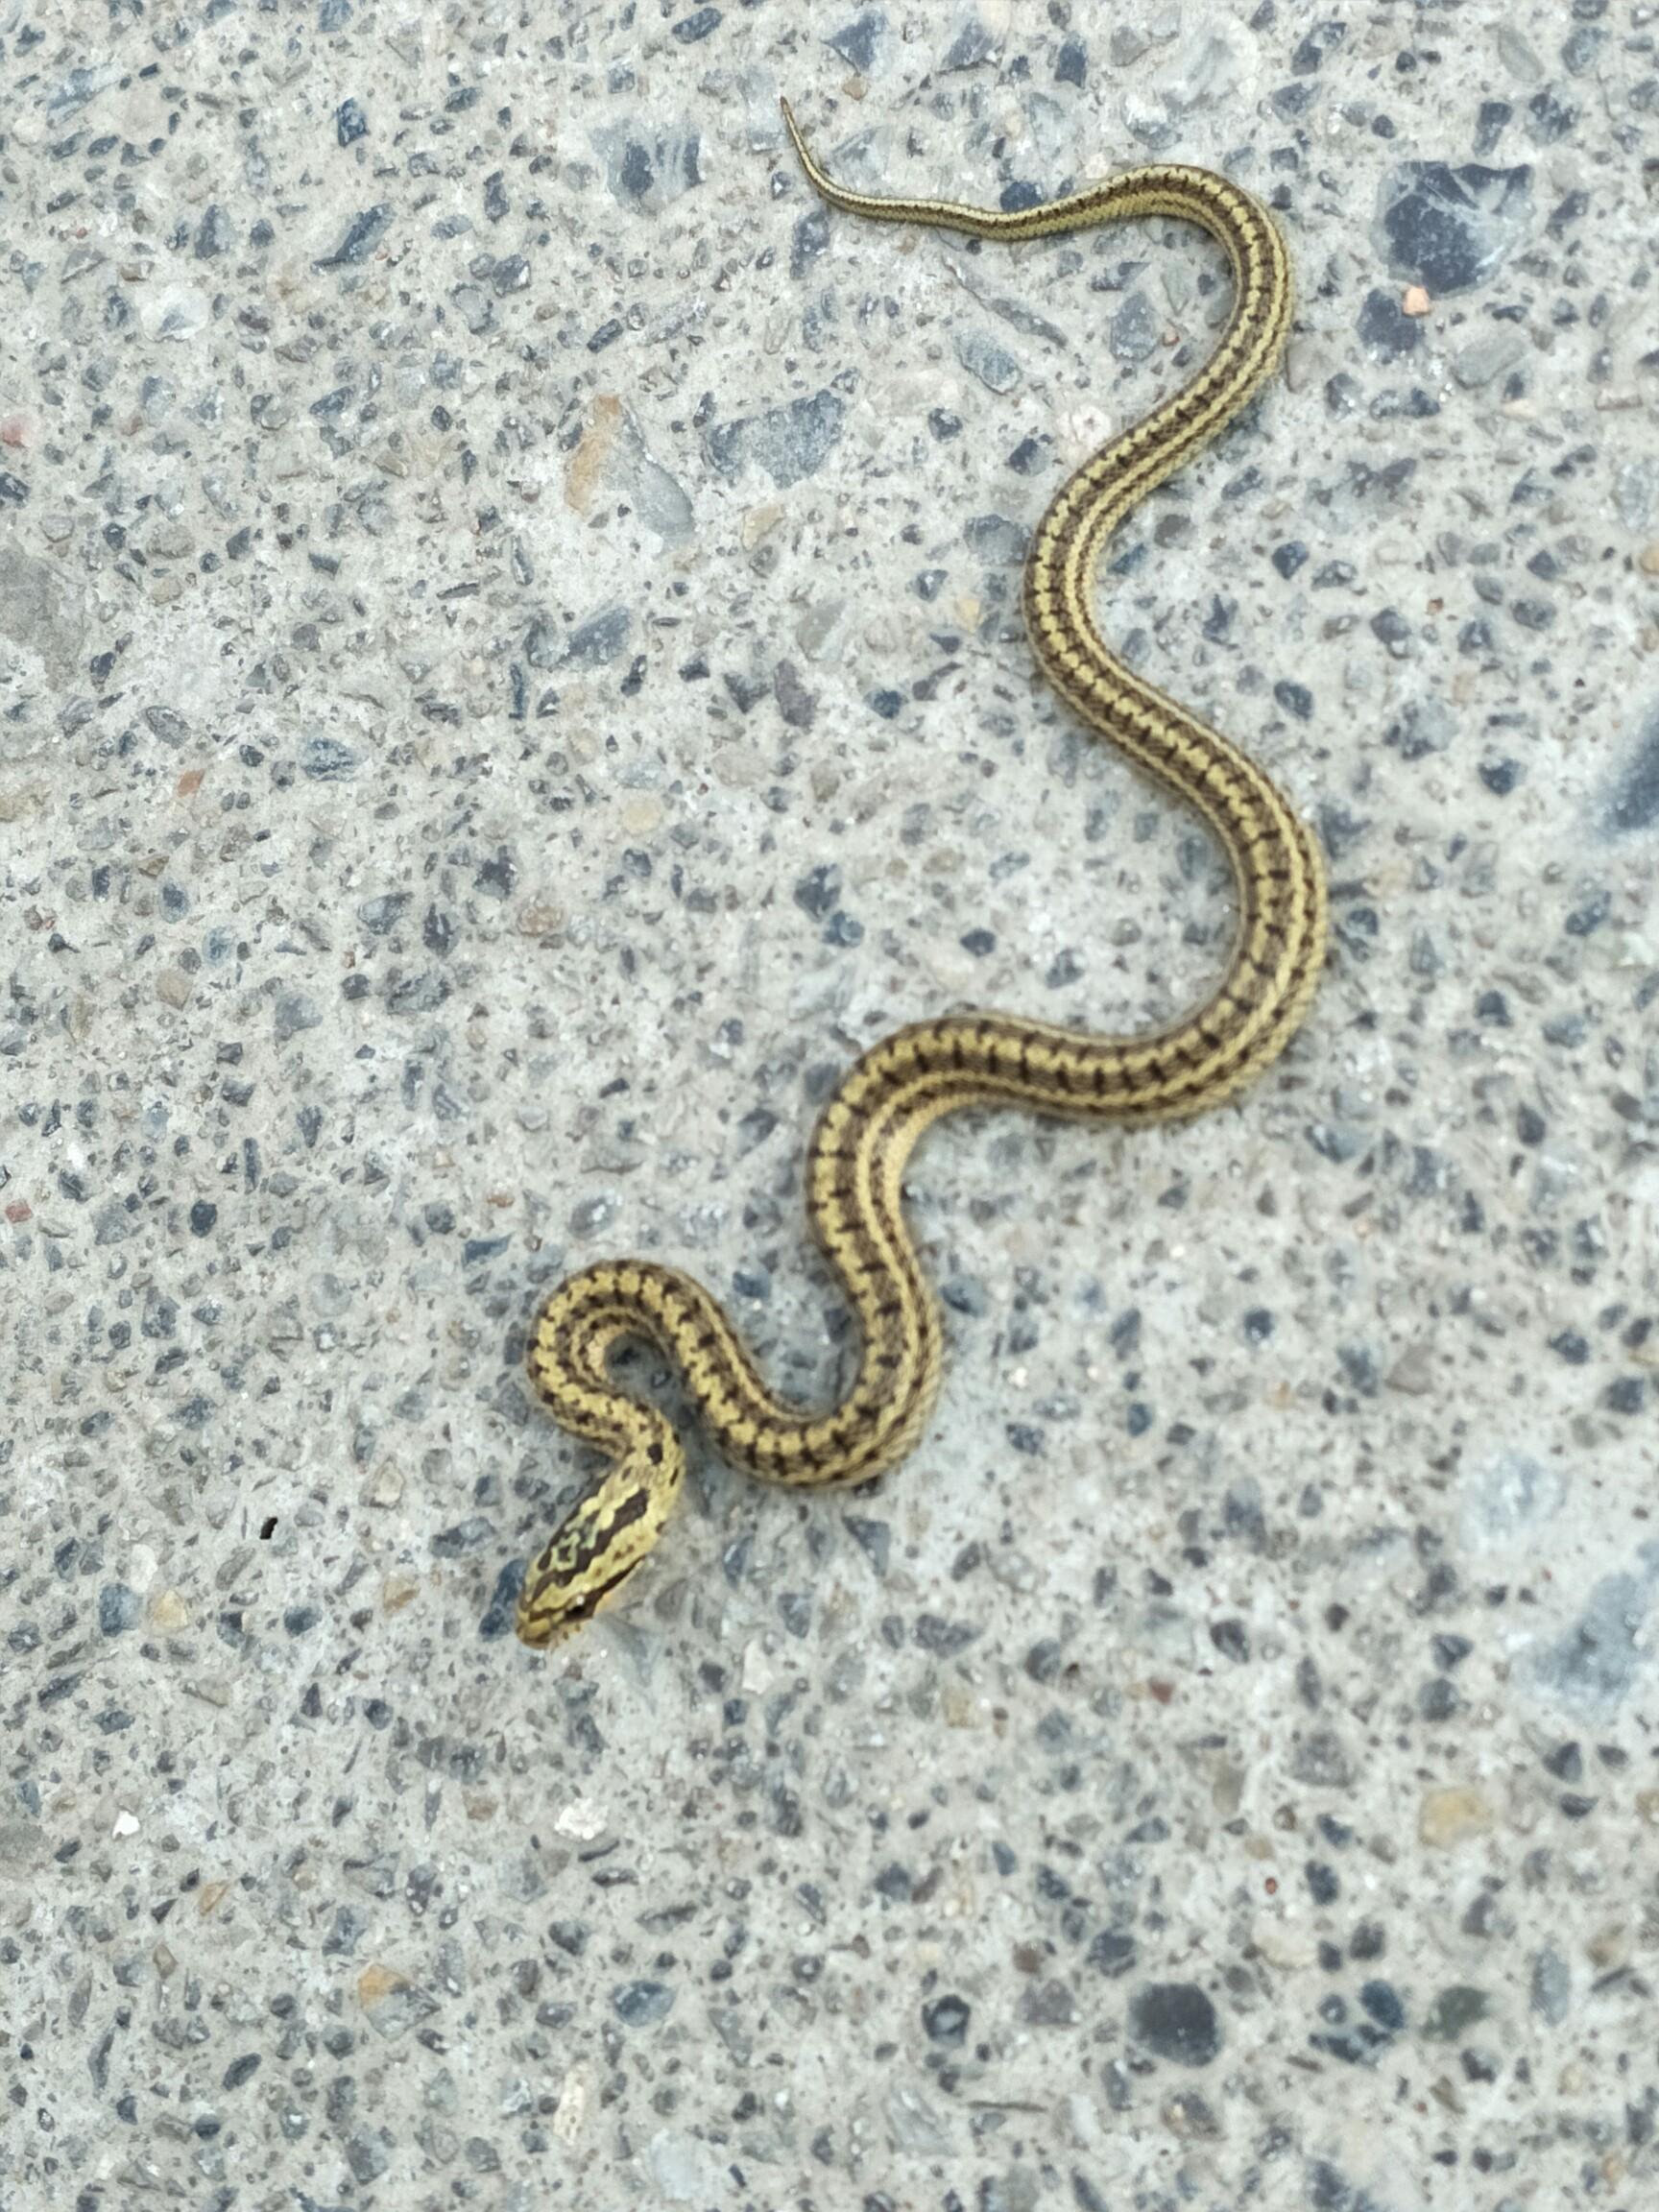 马路上的小蛇